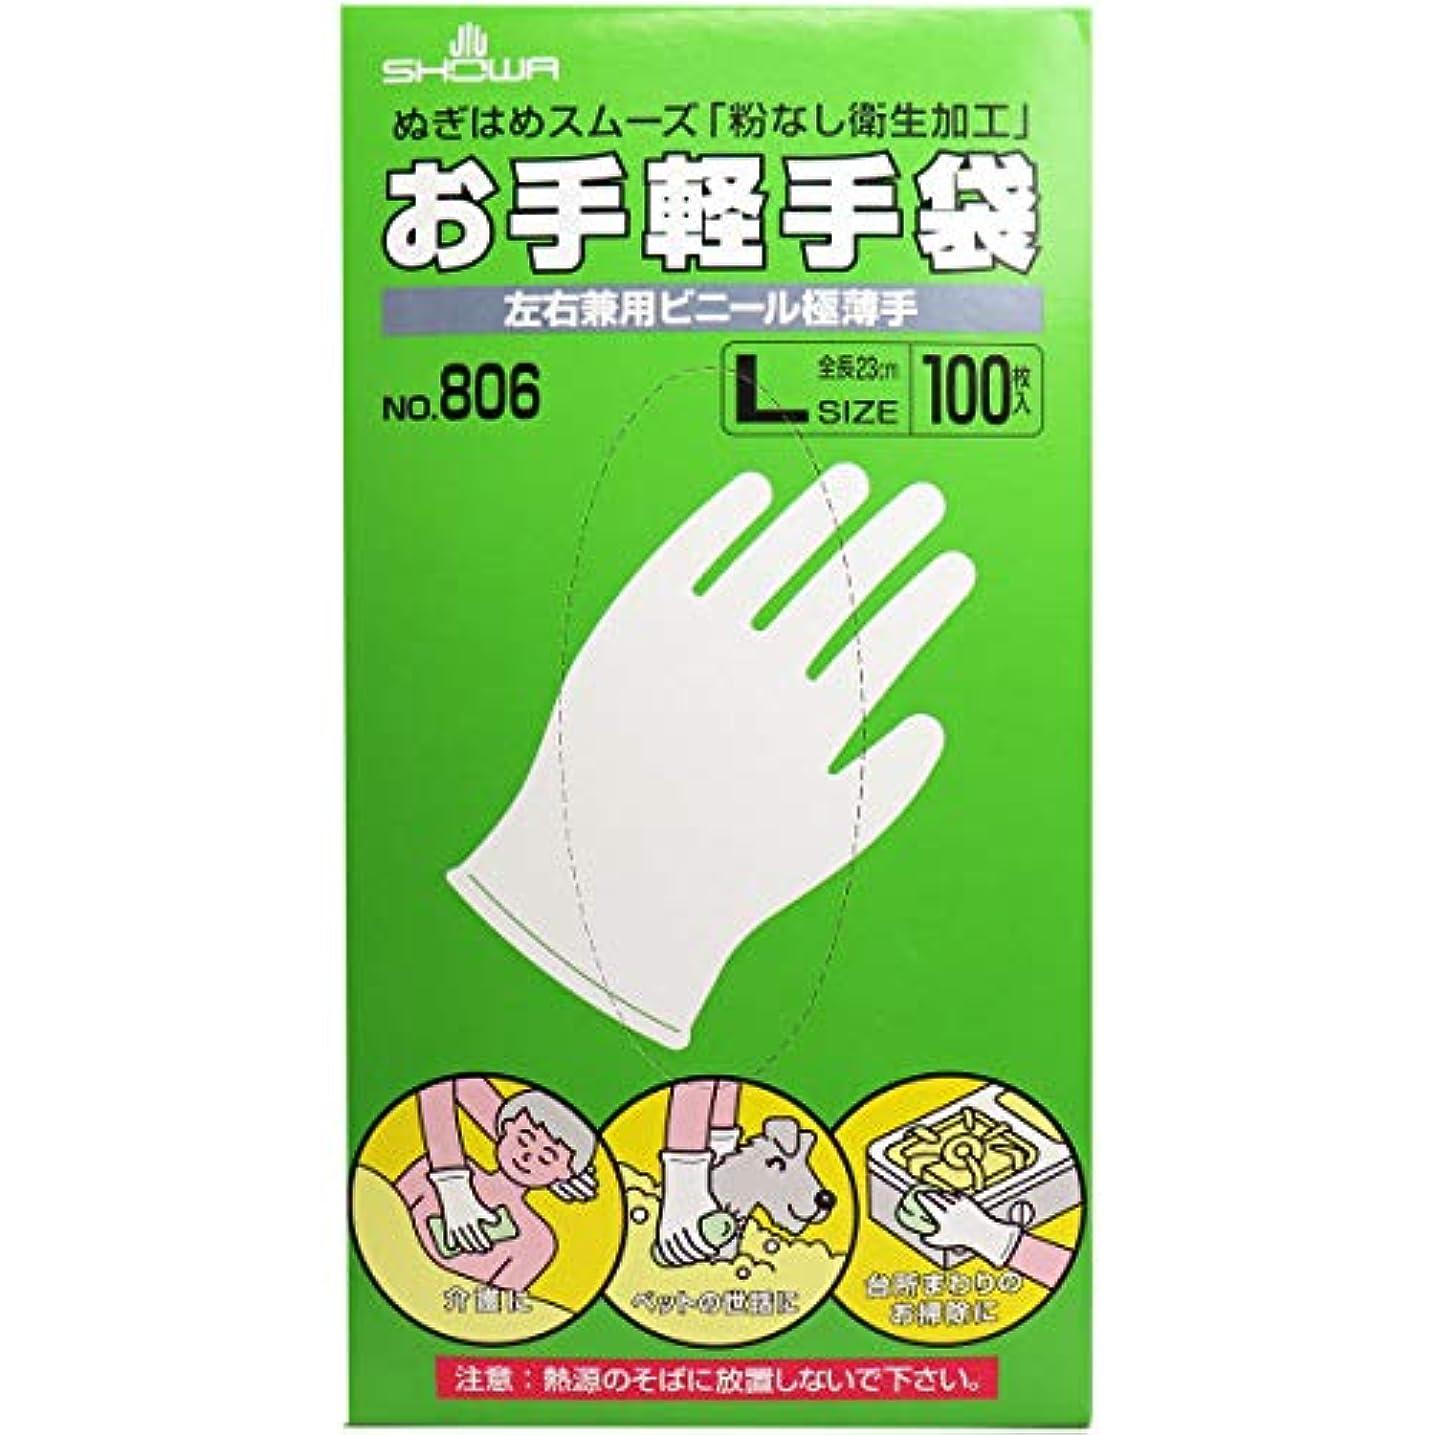 秘書相手大臣お手軽手袋 No.806 左右兼用ビニール極薄手 粉なし Lサイズ 100枚入×2個セット